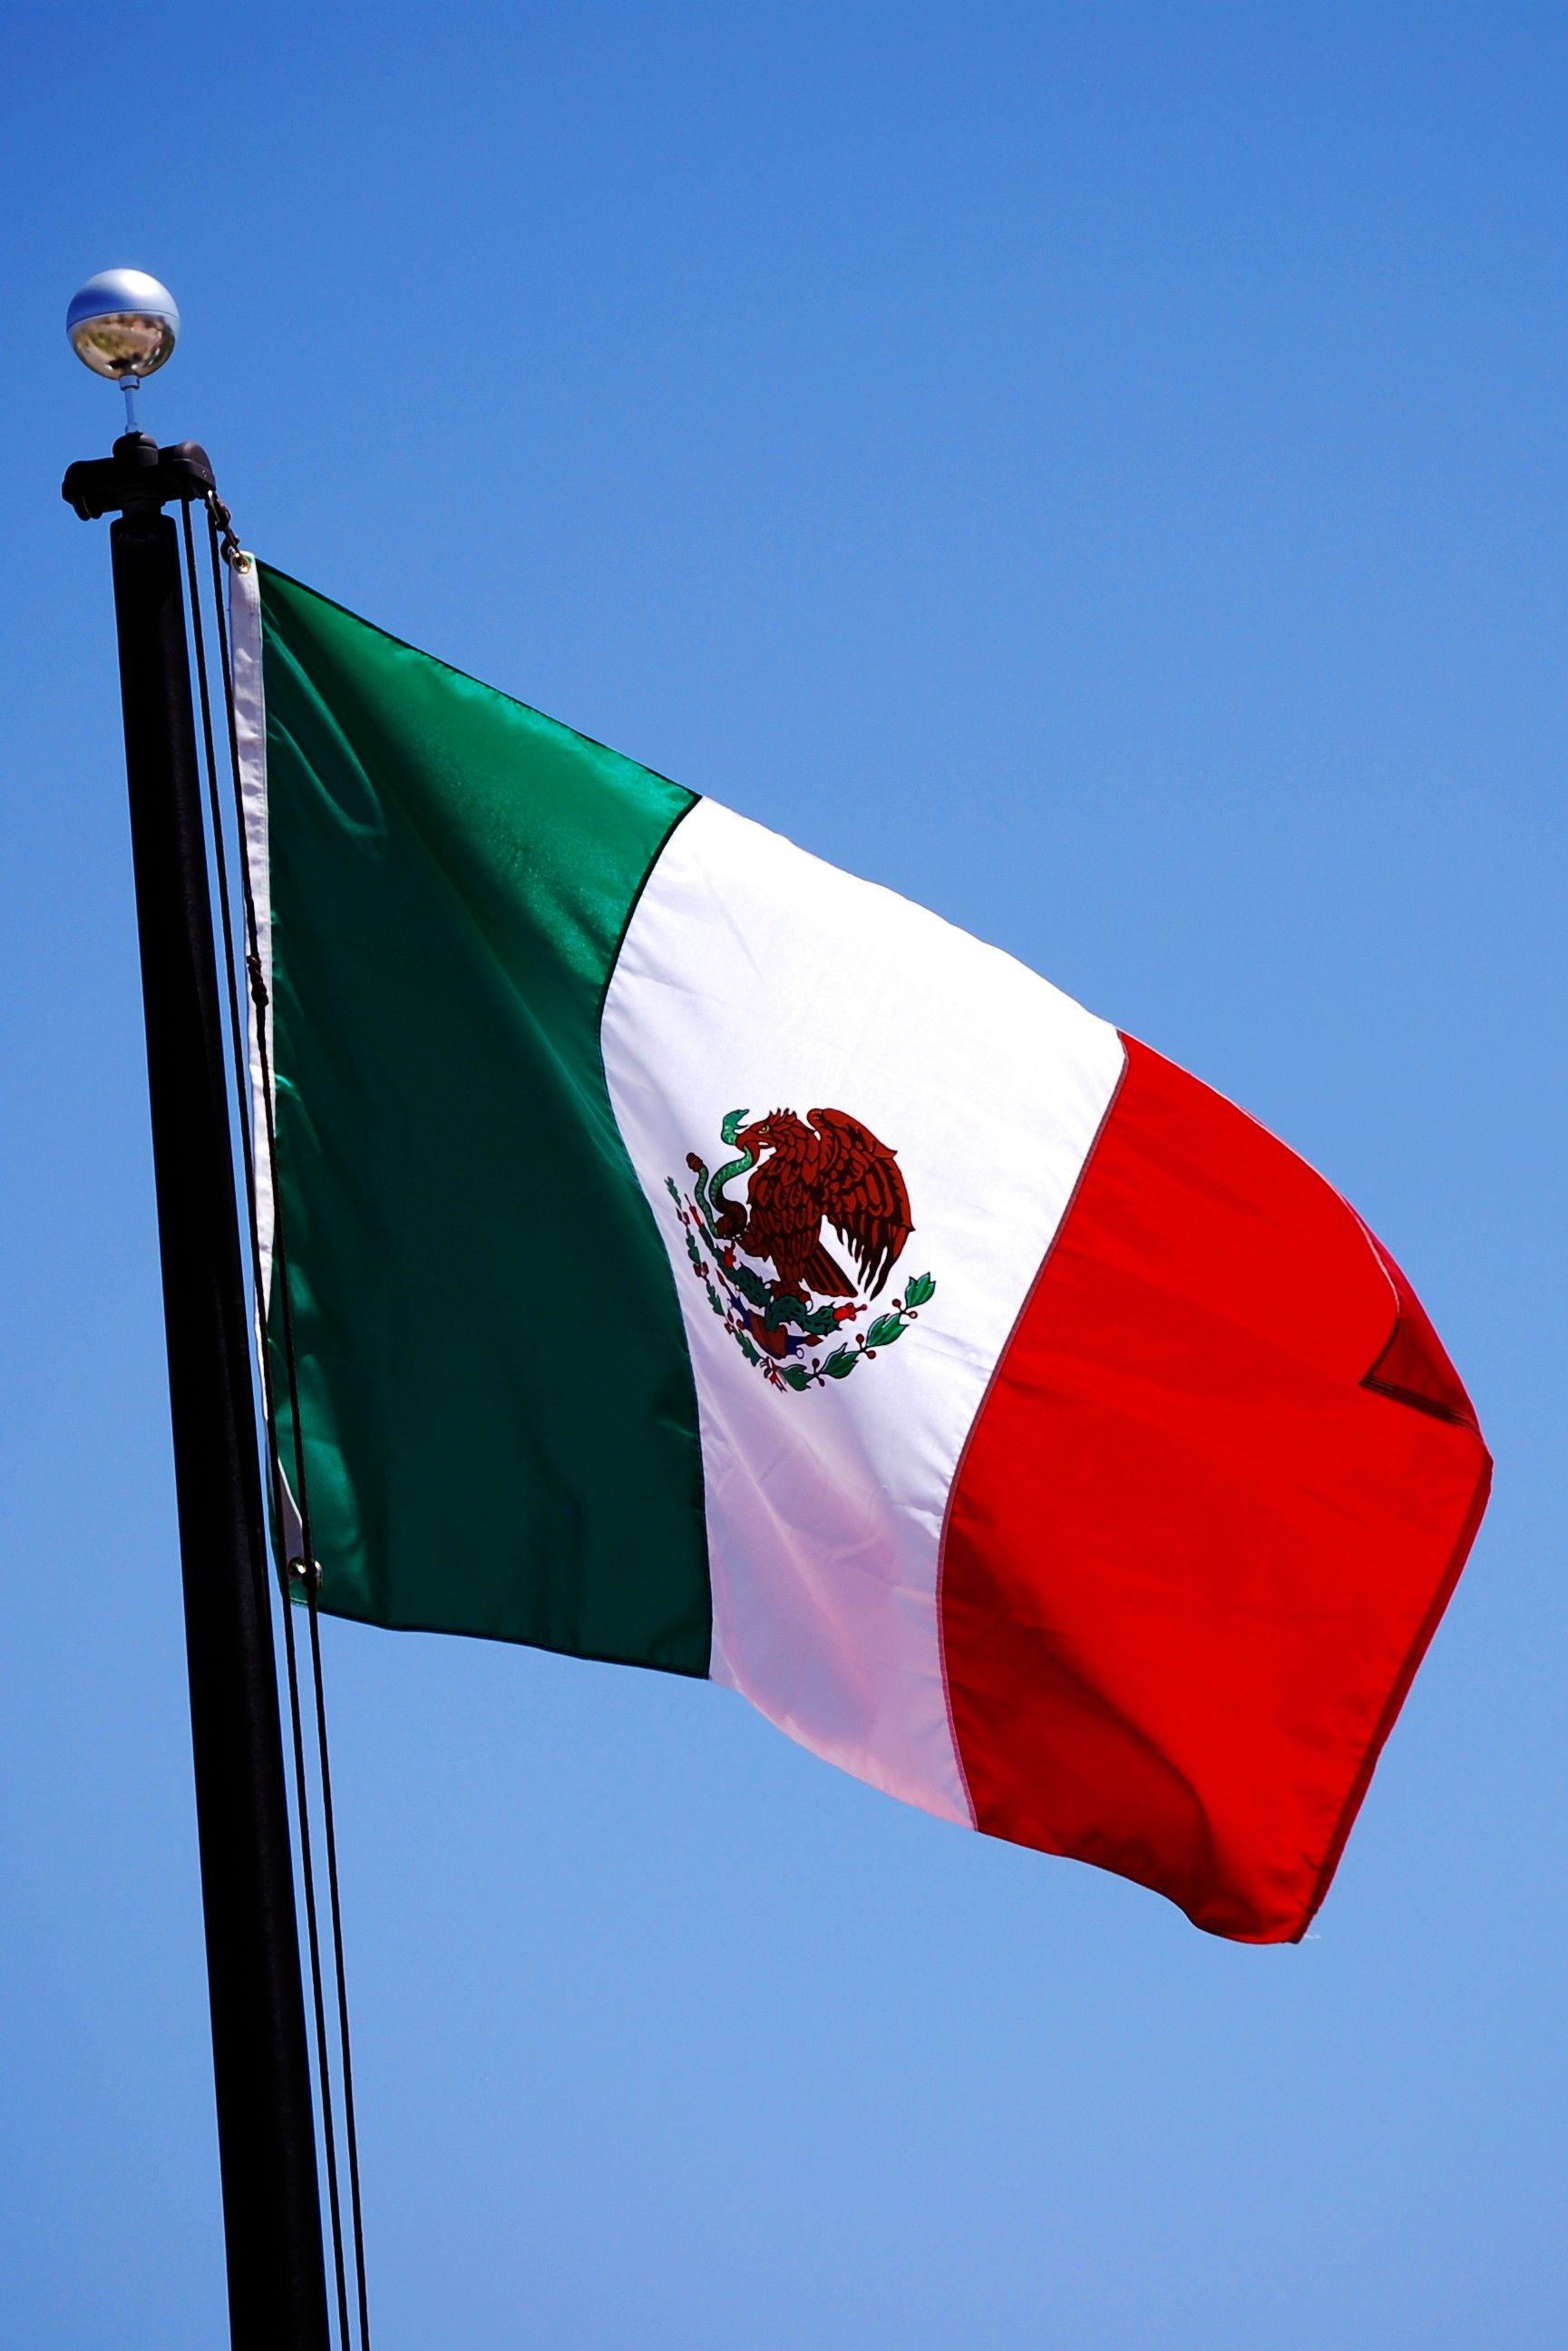 Flag Of Mexico Mexico Lindo Viva Mexico Mexico Distrito Federal